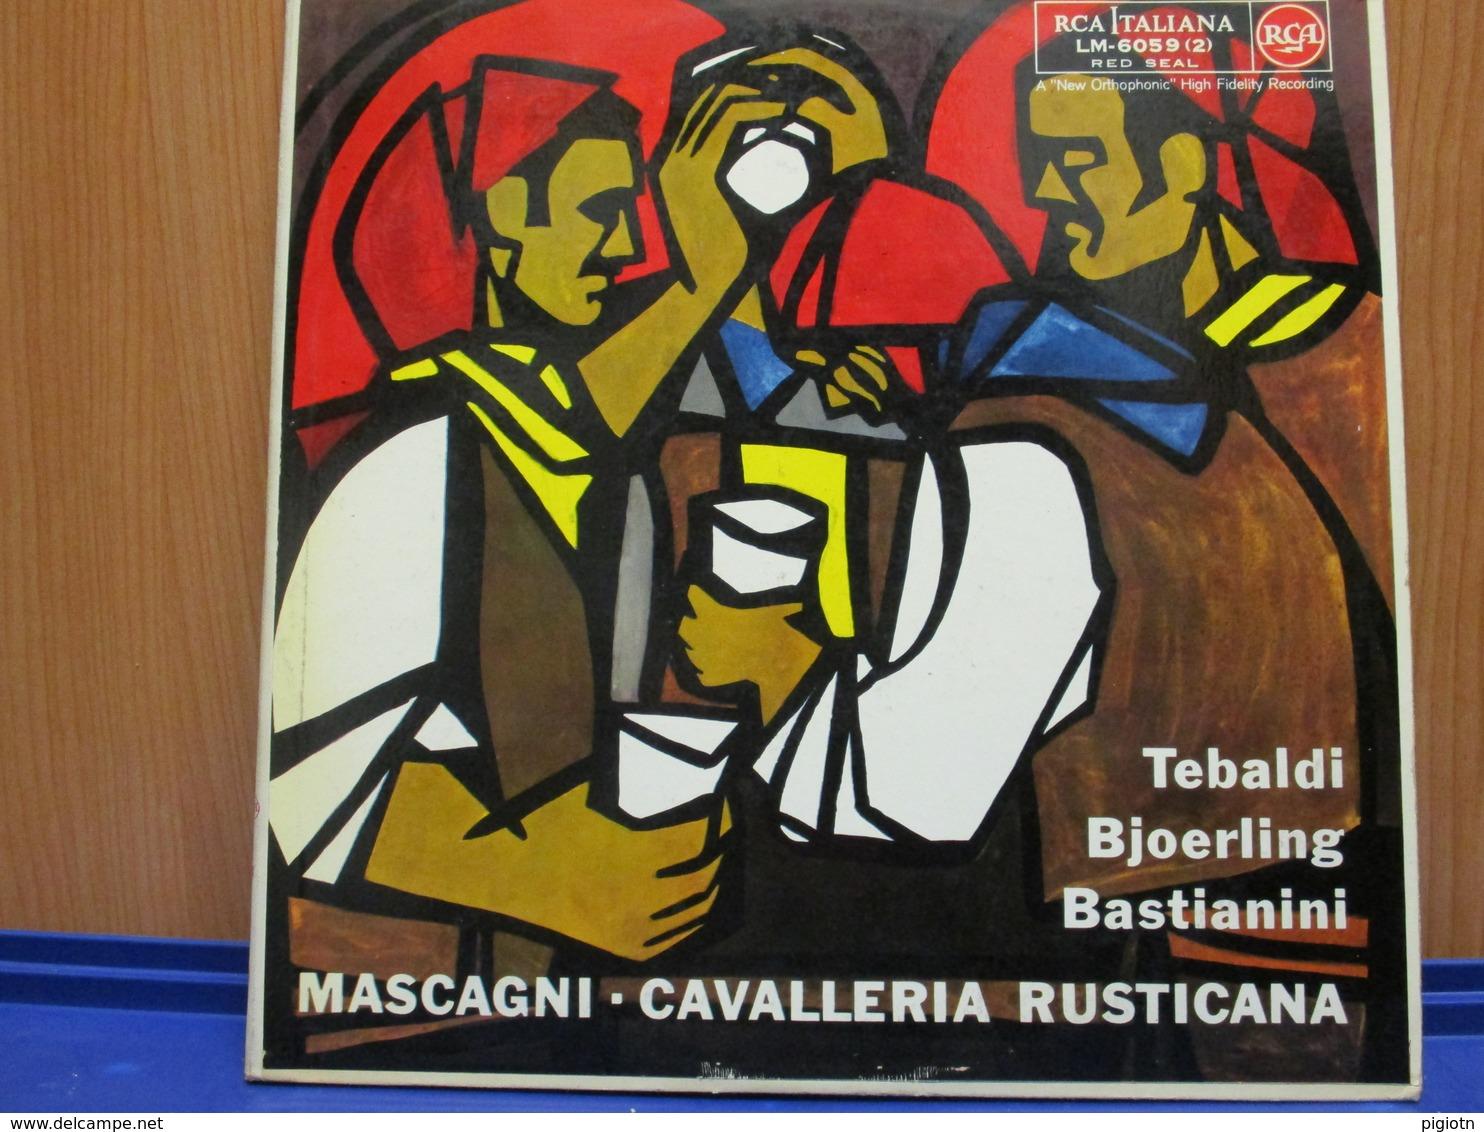 LP016 - COFANETTO 2 LP + LIBRETTO - CAVALLERIA RUSTICANA - - Oper & Operette